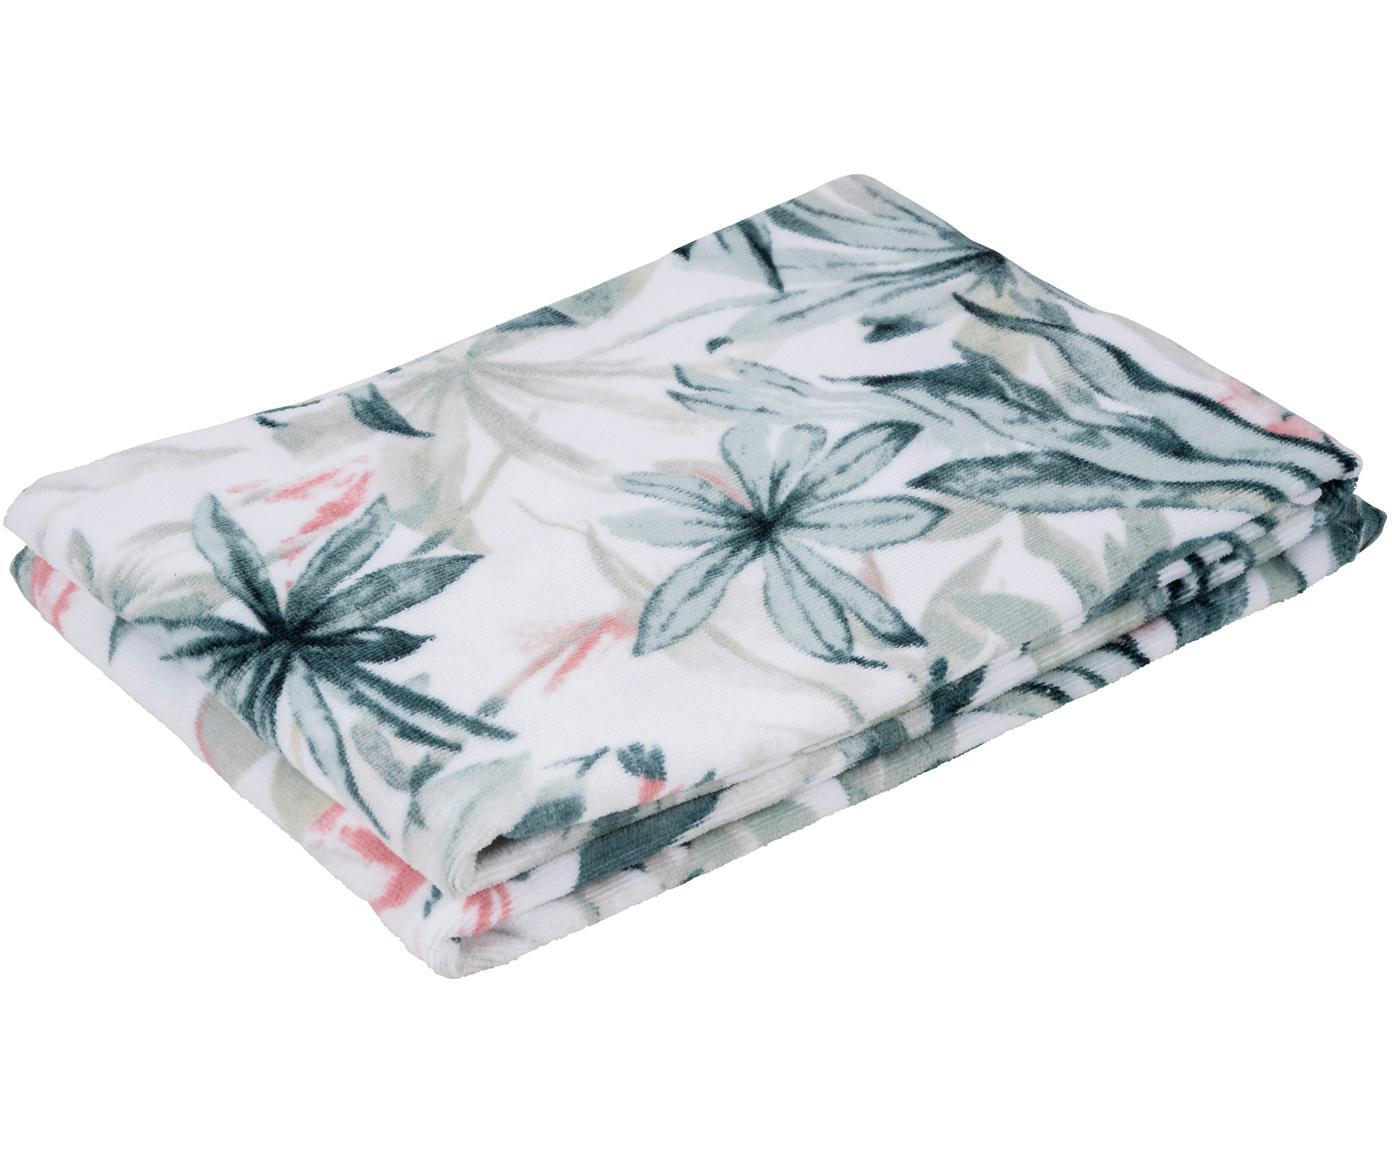 Handtuch Foglia mit tropischem Muster, 100% Baumwolle, Weiß, Mehrfarbig, Gästehandtuch